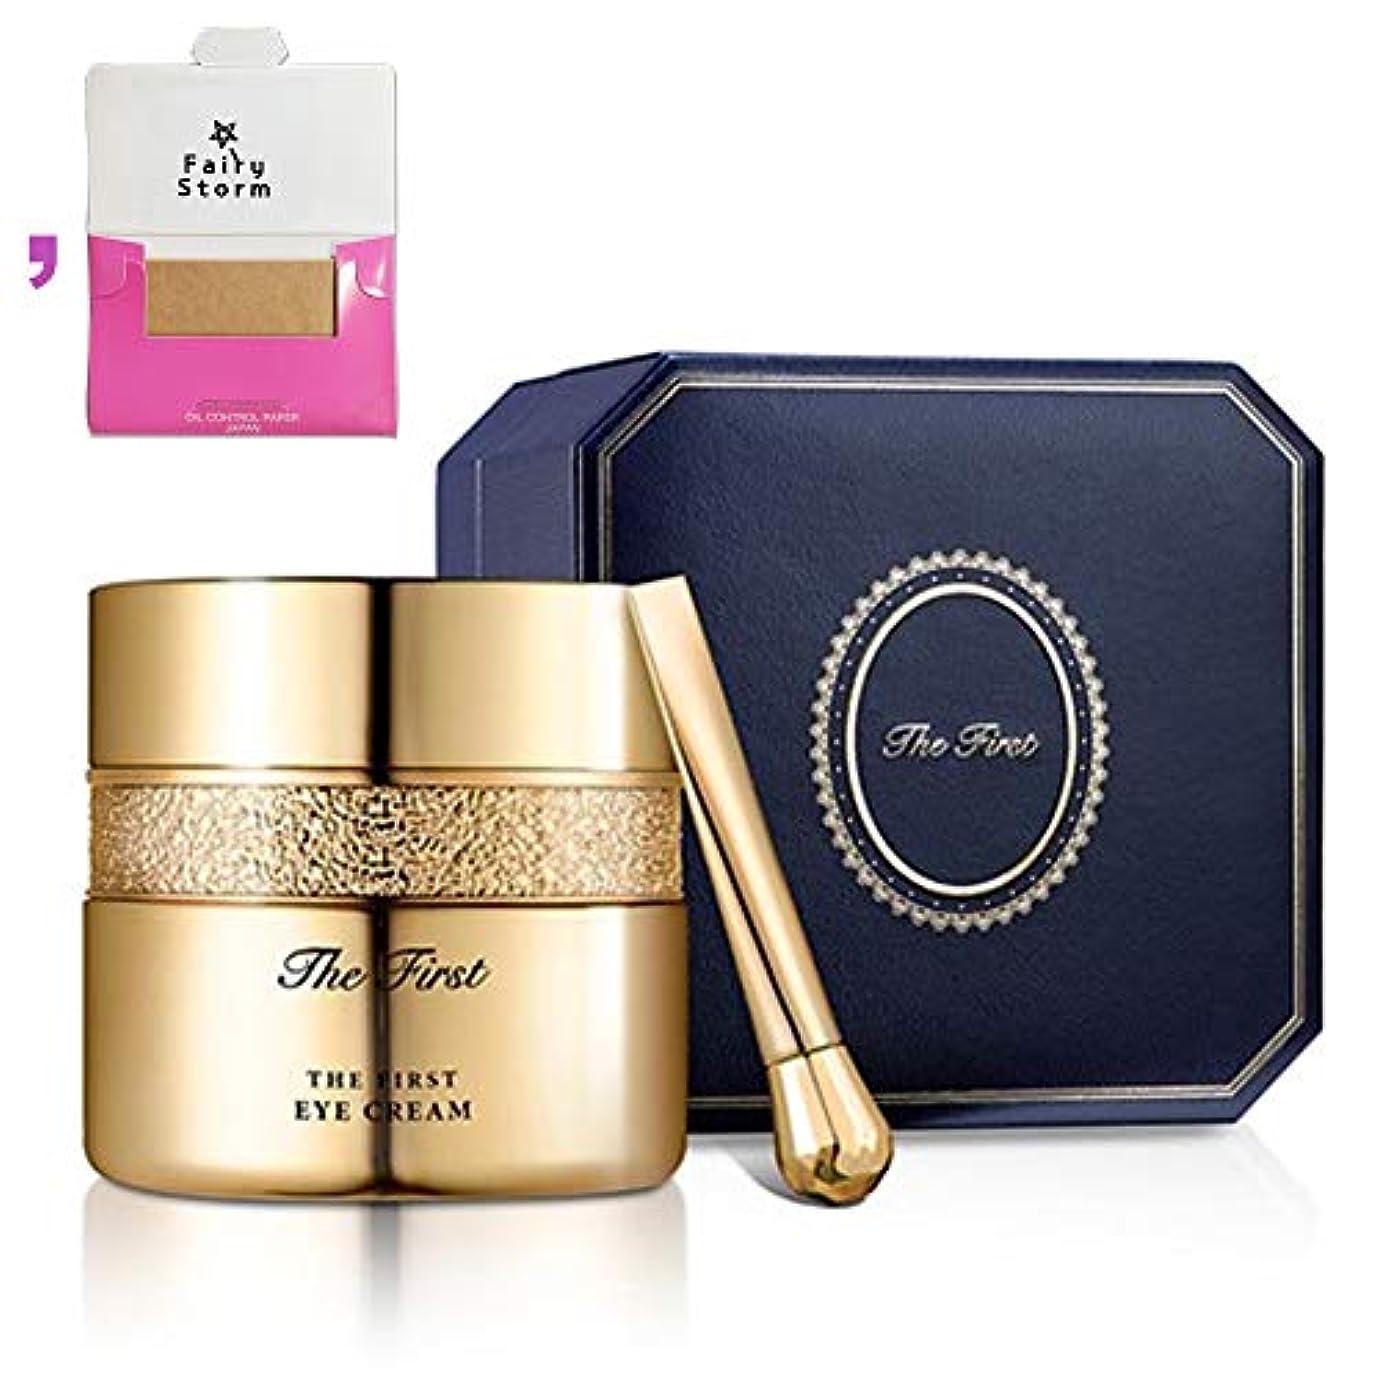 さわやか確率郵便[オフィ/ O HUI]韓国化粧品 LG生活健康/Ohui THE FIRST Eye Cream Big Size 55ml Limited Big size さらにファーストアイクリームBig Size + [Sample Gift](海外直送品)